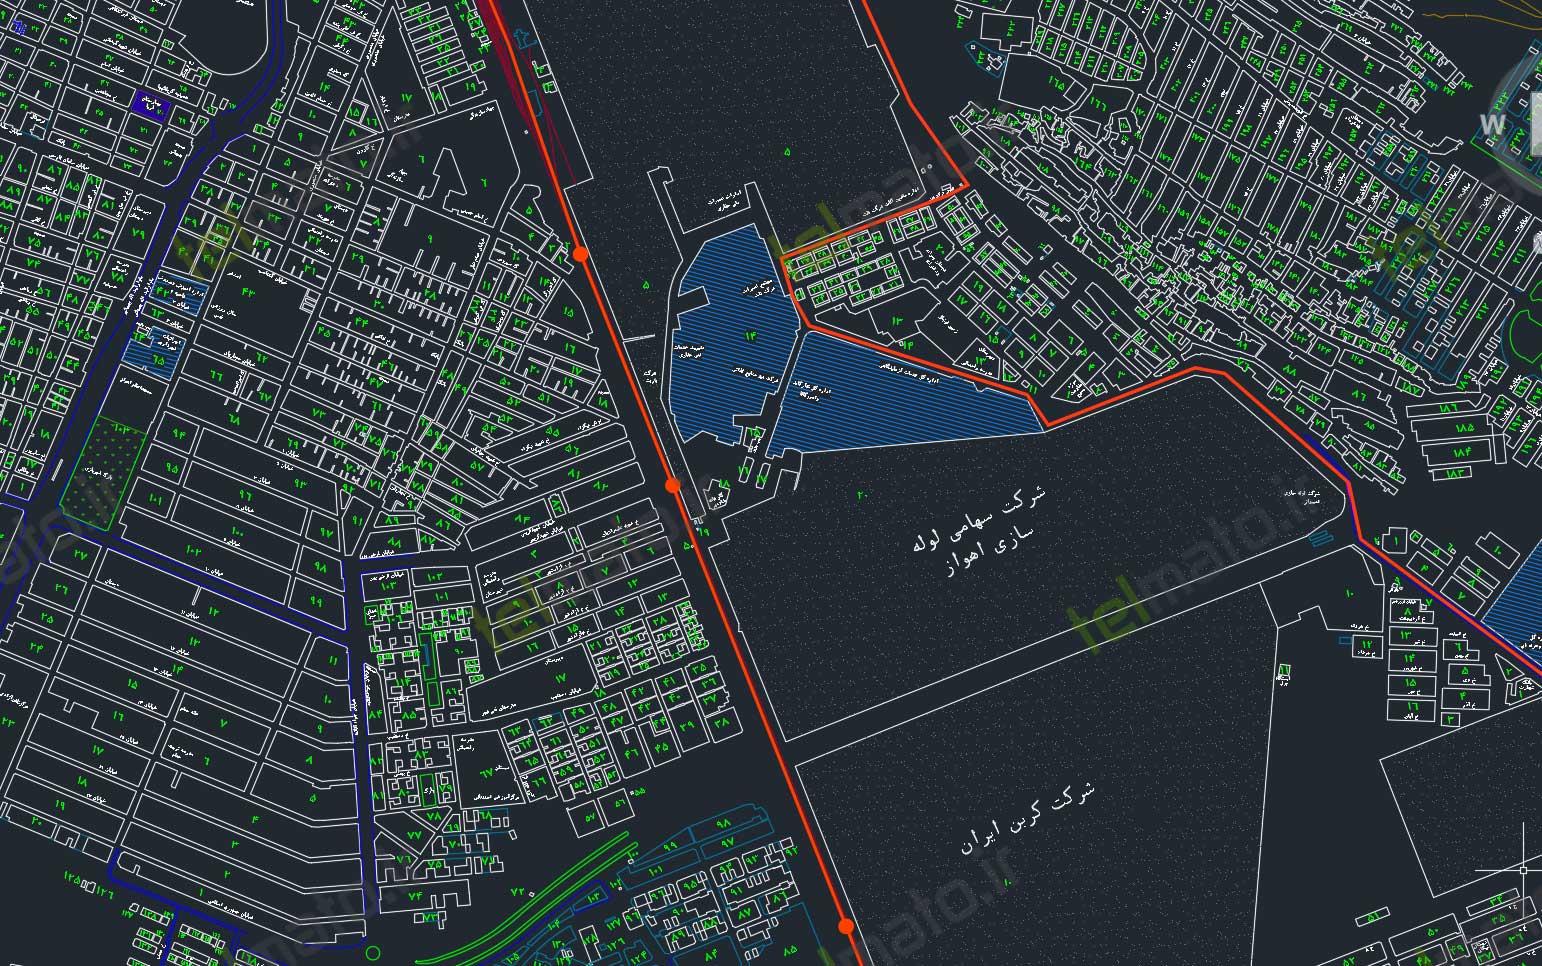 دانلود رایگان نقشه اتوکد شهر اهواز ahvaz autocad map DWG + دانلود فایل طرح تفضیلی